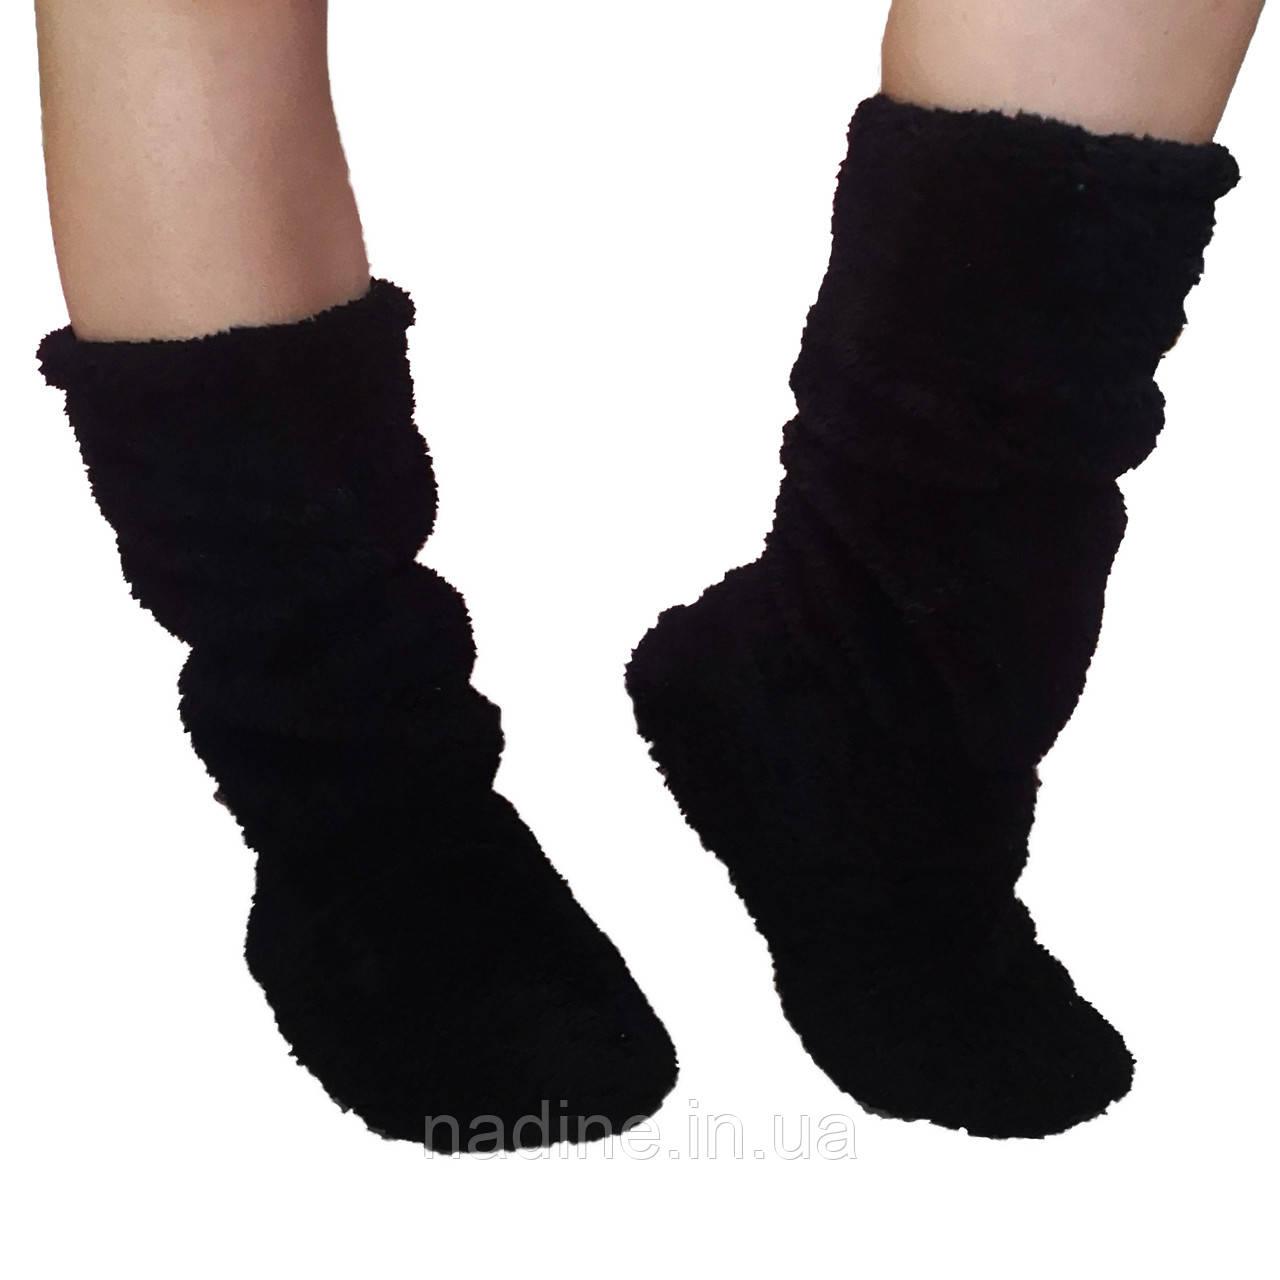 Домашні тапочки чобітки Eirena Nadine (black S-574-37) чорні 25 см